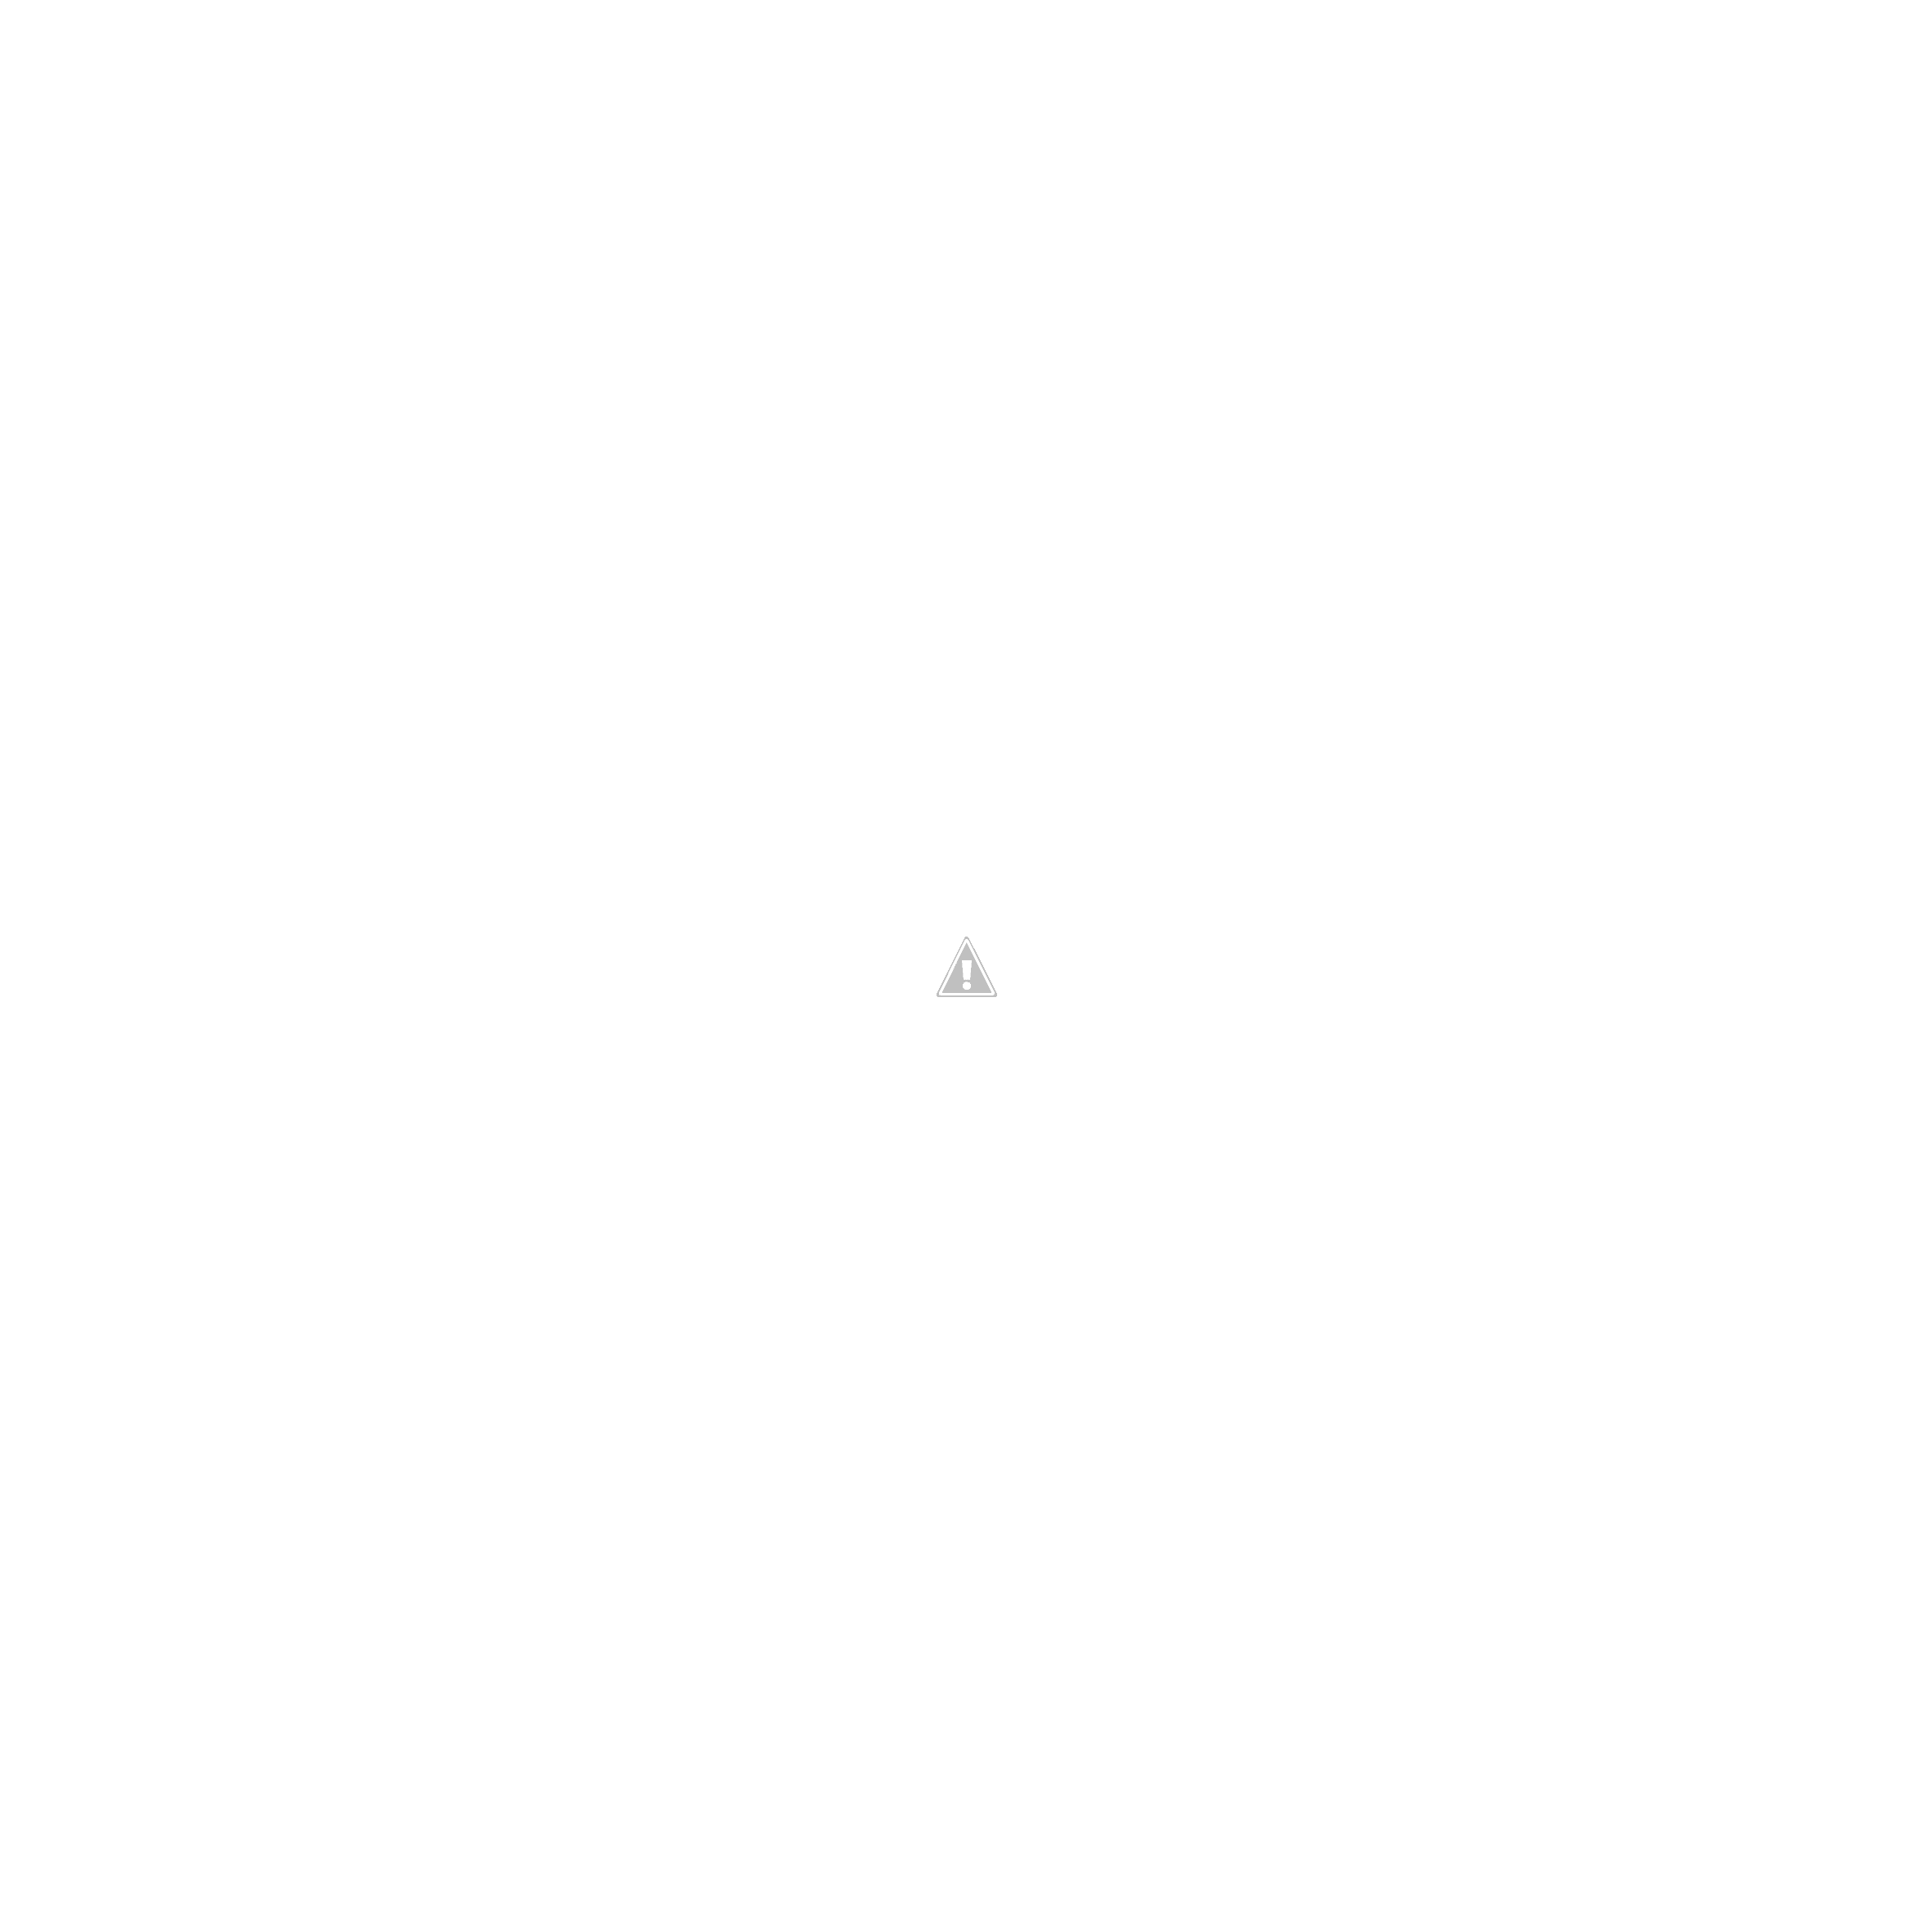 tendo kisara - black bullet - google+